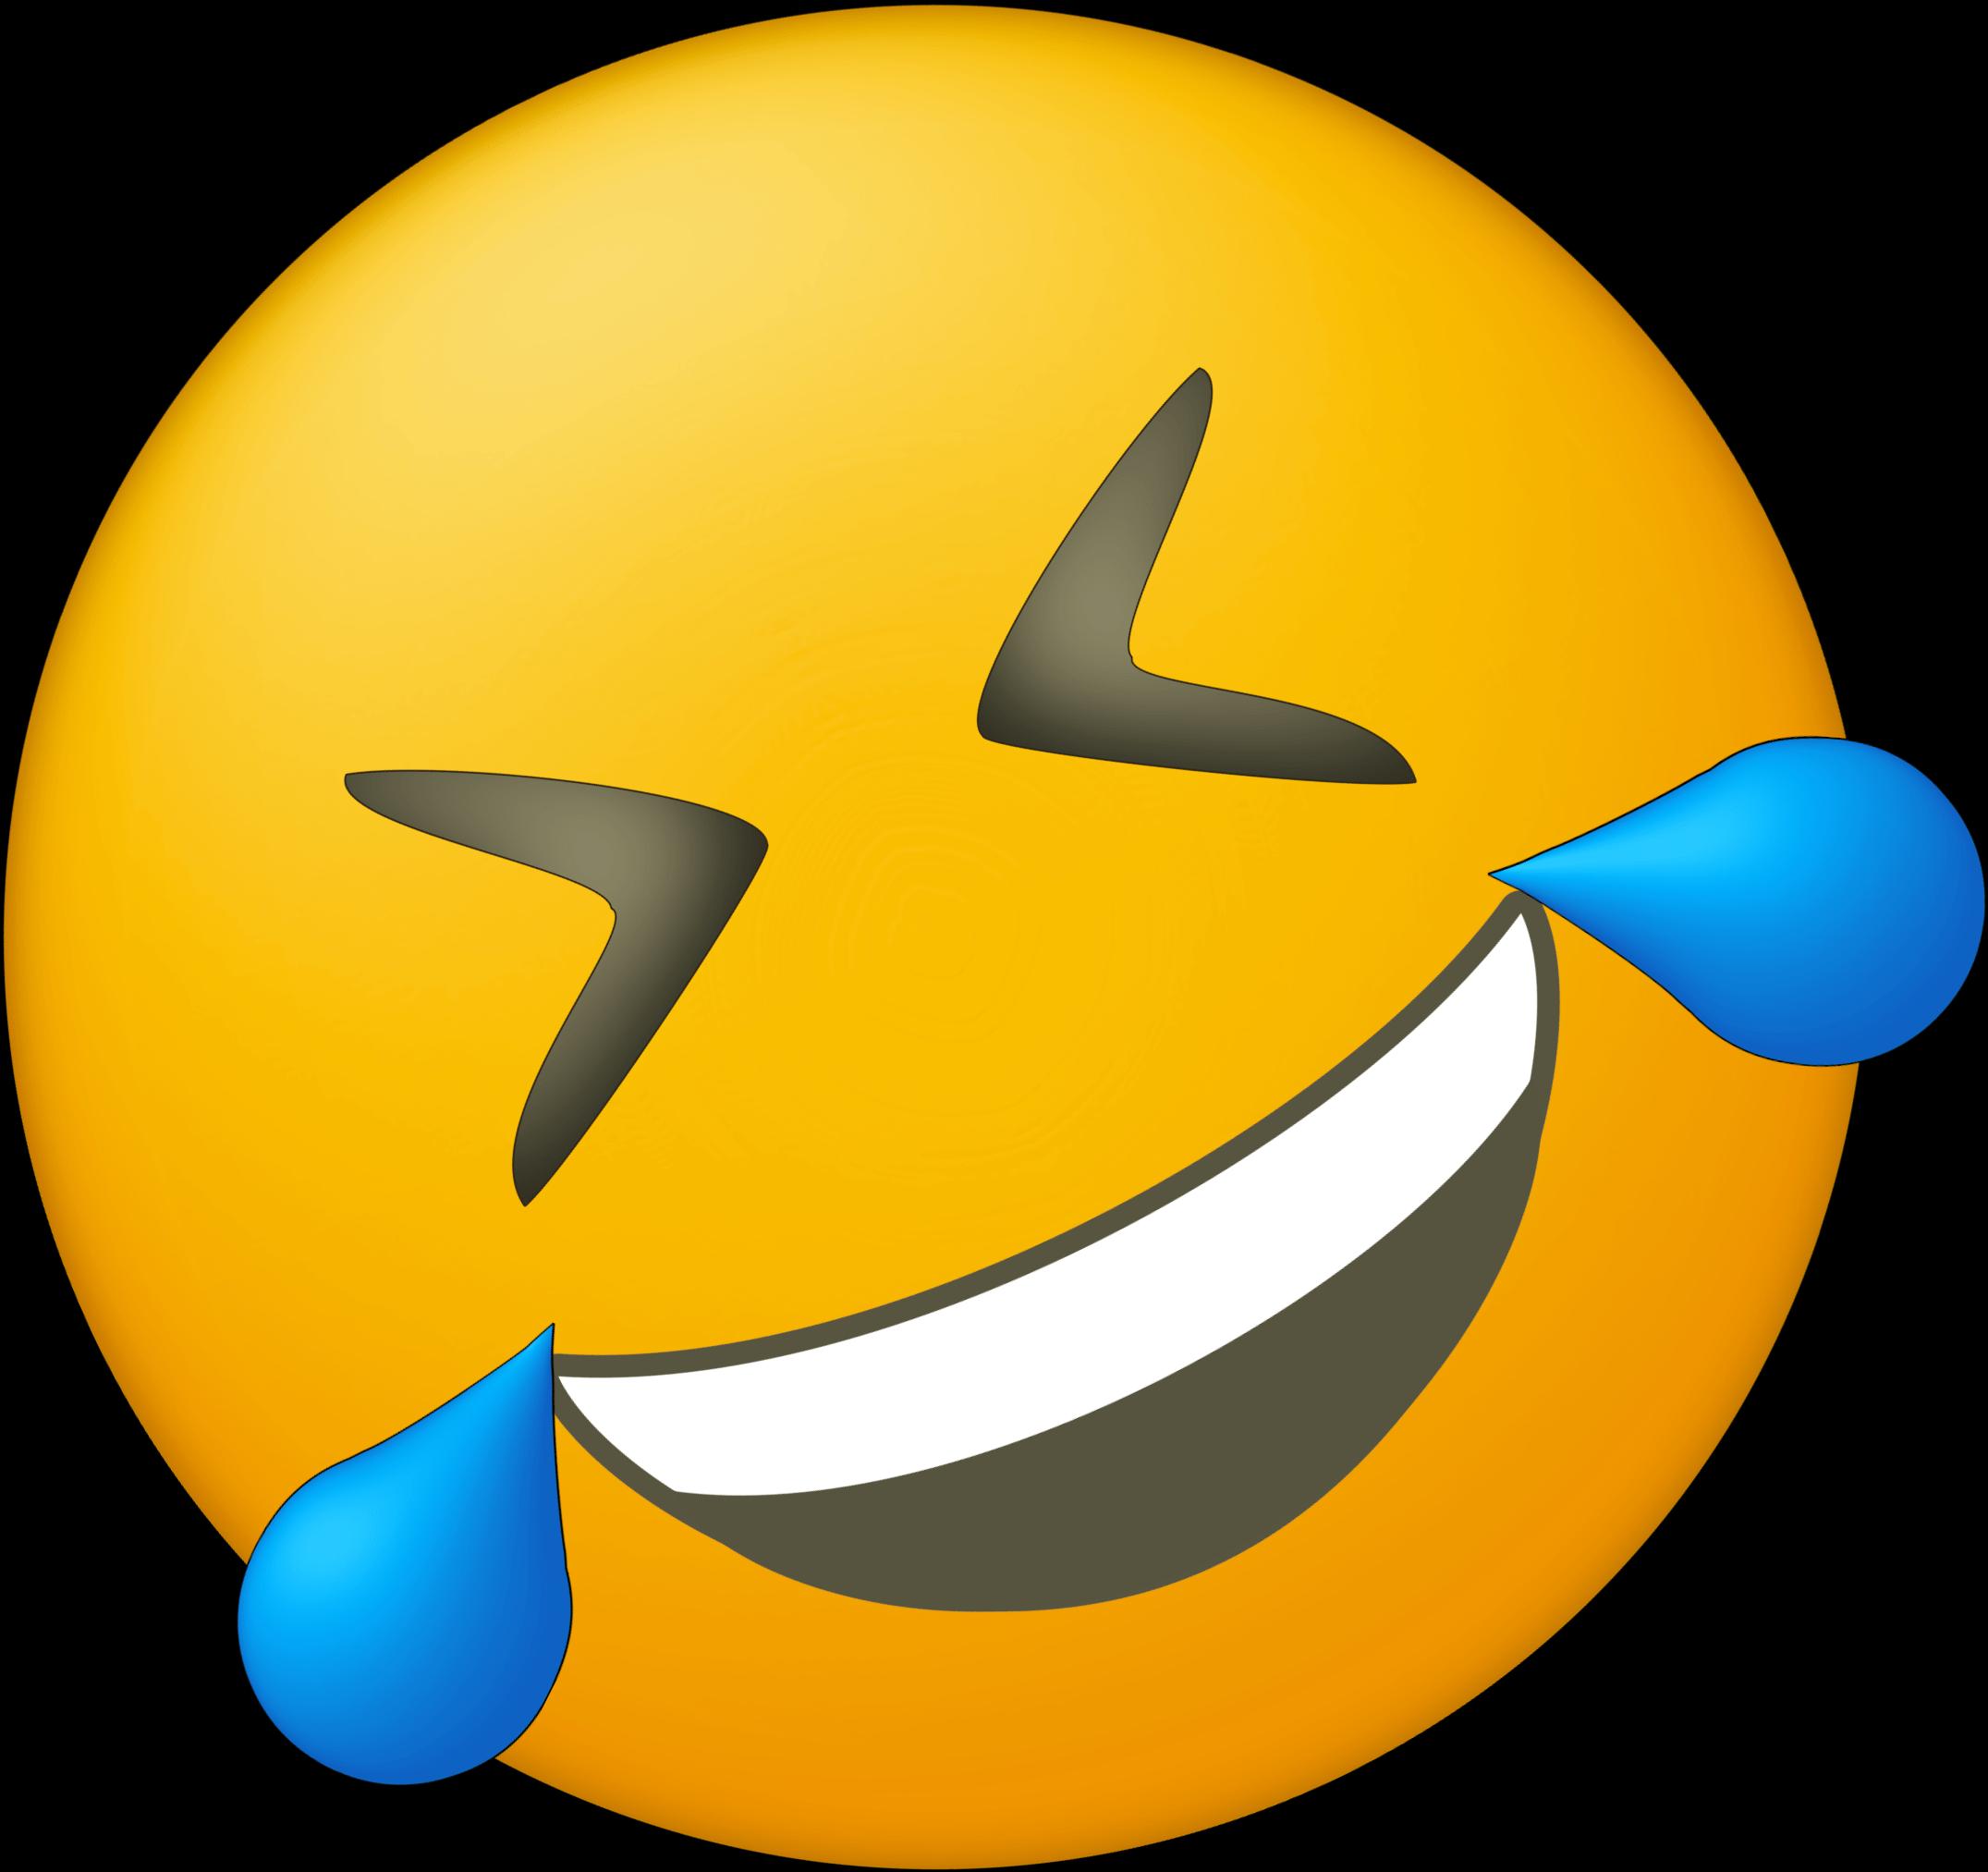 Download HD Cry Laughing Emoji Png - Emoji Png Laughing ...